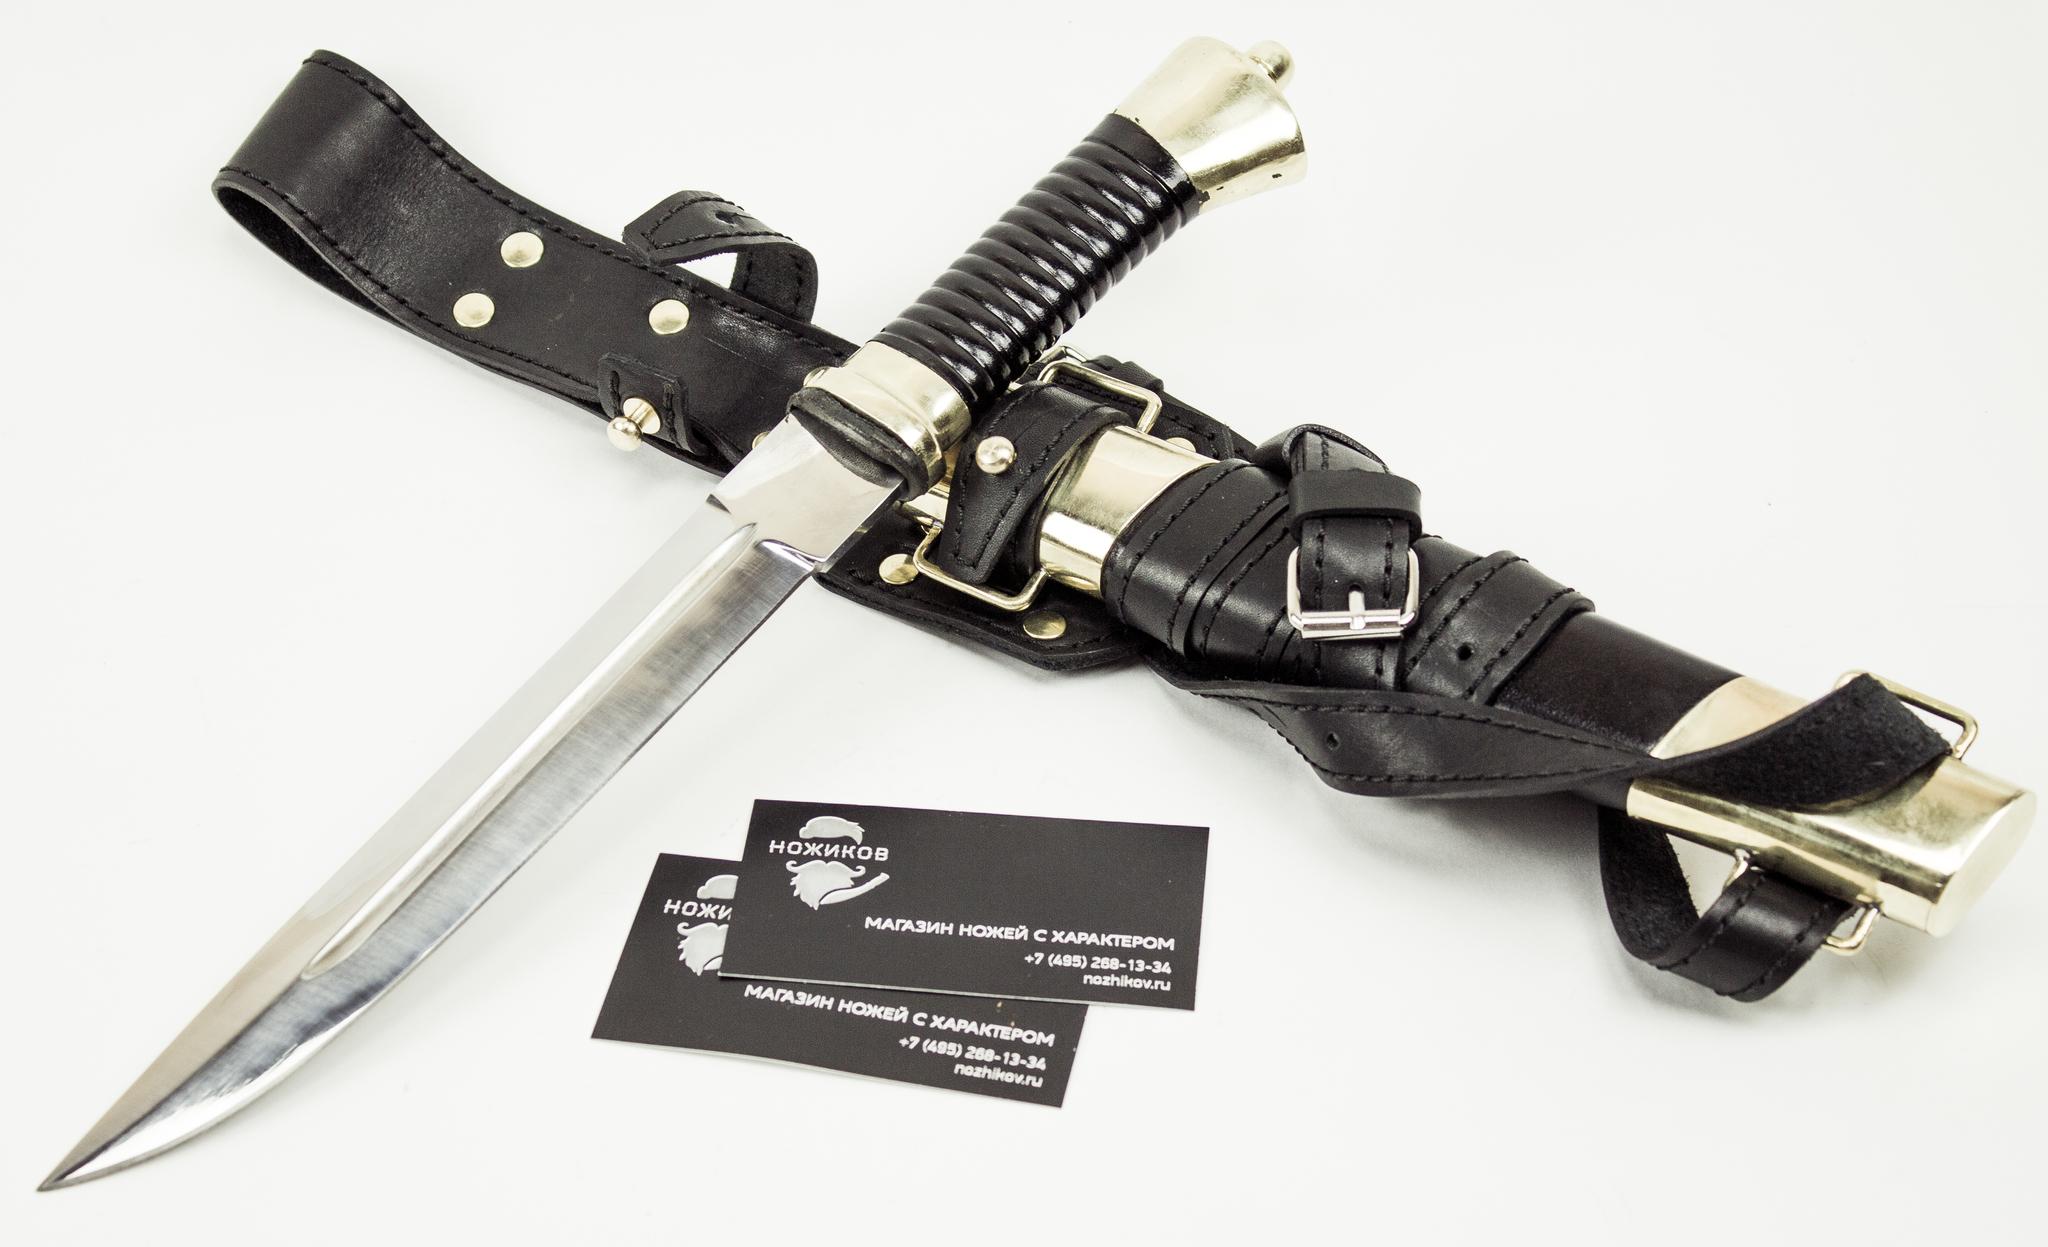 Нож Пластунский, сталь 95x18, латуньПластунские ножи<br>Нож Пластунский, сталь 95x18, латунь – легендарное историческое оружие, которое изначально было создано как наградное (по крайней мере, это одна из самых достоверных версий появления этого ножа). Восстановленный казачий пластунский нож из стали 95х18 обладает идеальным балансом, высокой прочностью и функциональностью. Благодаря этим качеством использовать его можно и для метания, и для грубой работы, и для разделки мяса – ему любые нагрузки будут нипочем.Кроме практичной ценности пластунский донской нож также обладает лаконичным и, в то же время, роскошным оформлением. Сделайте себе достойный подарок!<br>